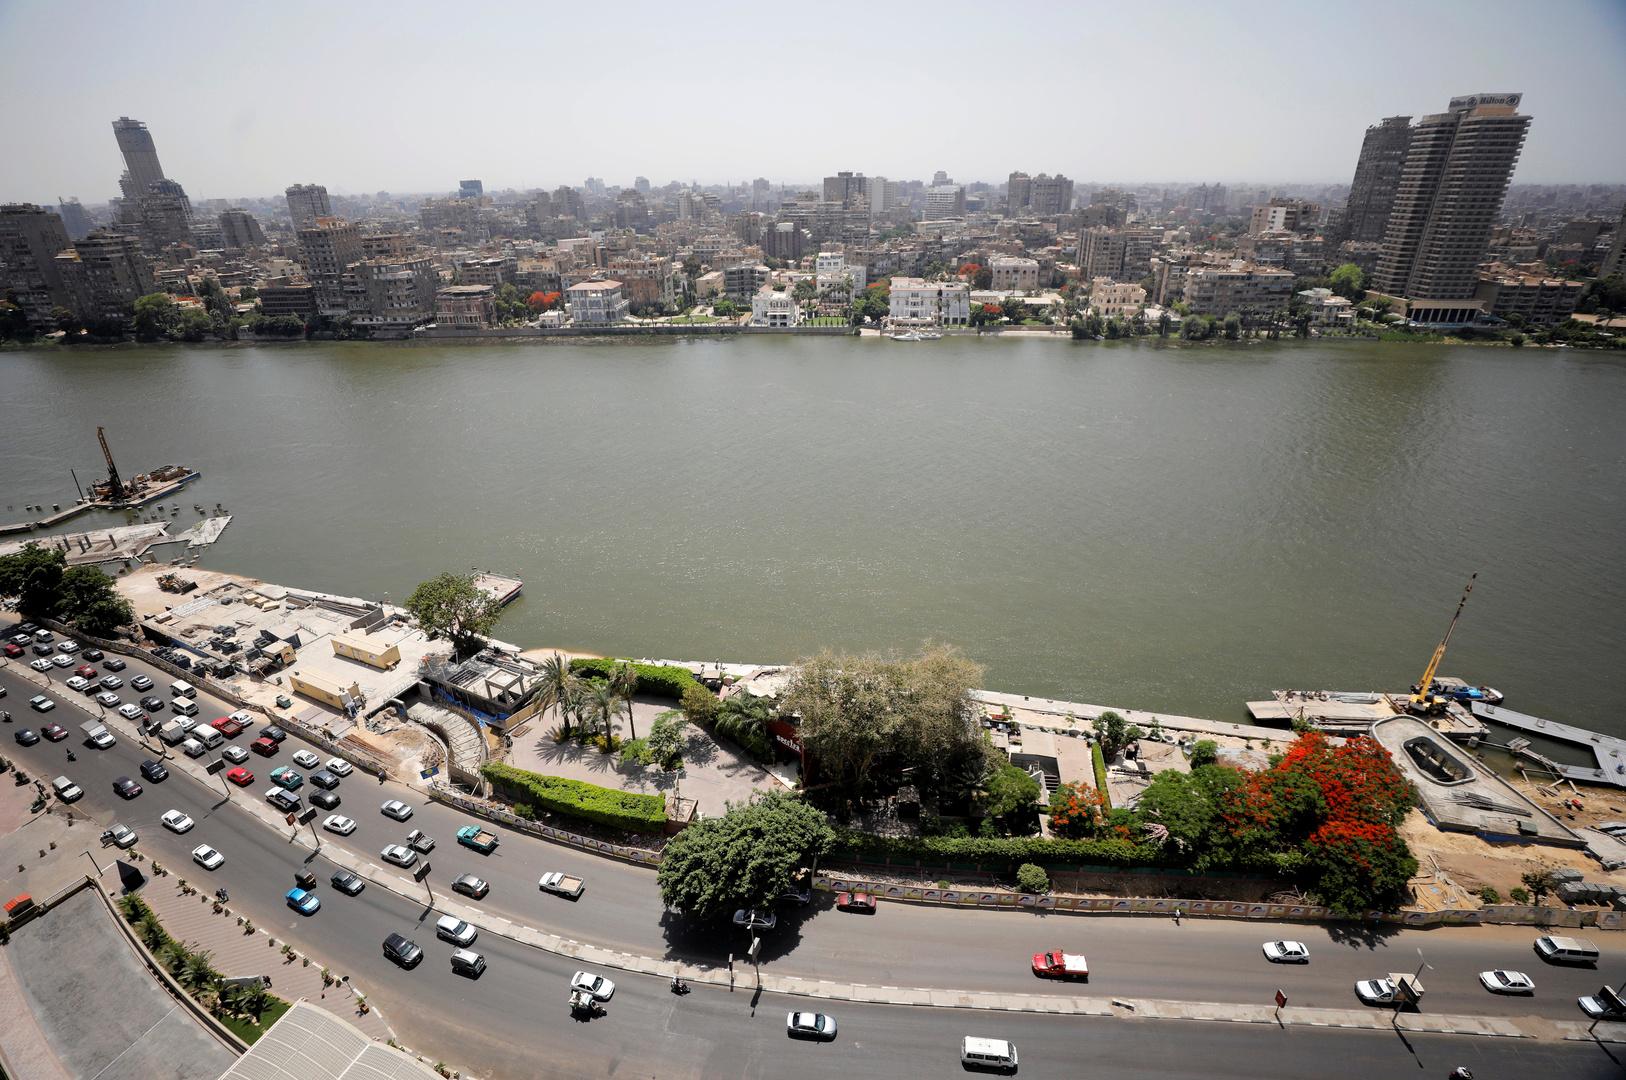 مصر.. فنانة تلفت النظر لمشكلة تجاهلها عبر